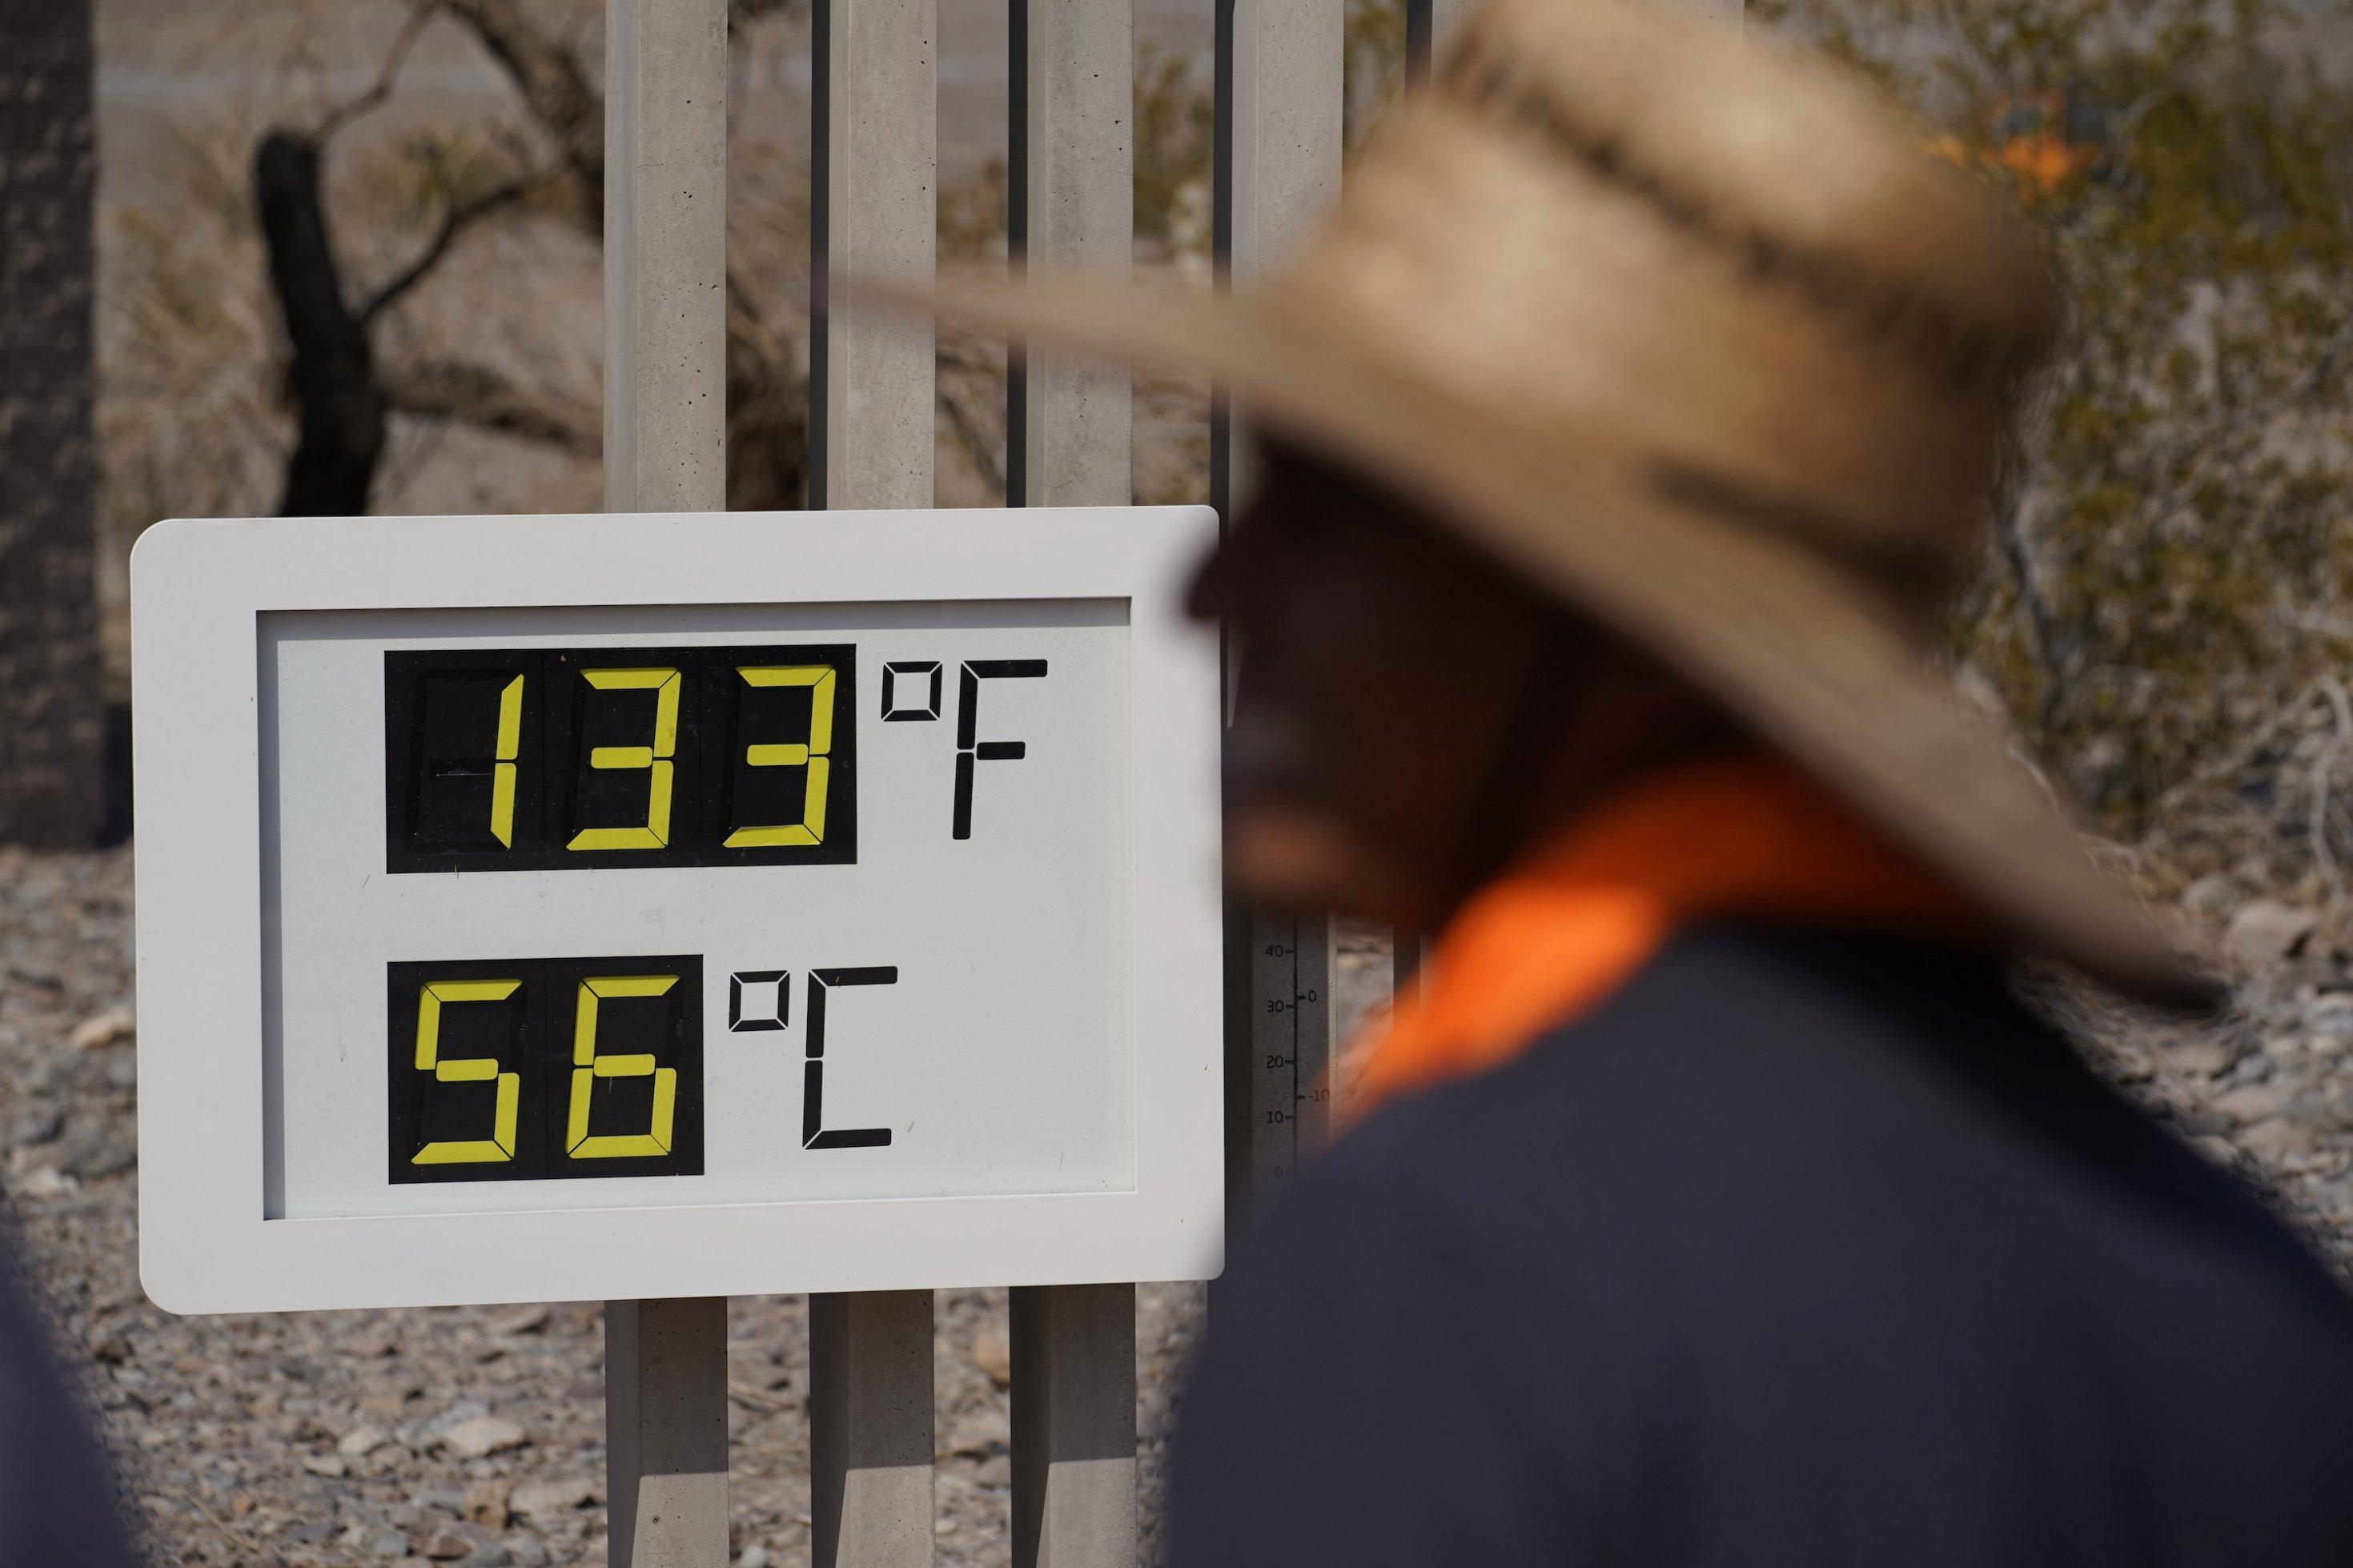 Outdoor-Thermometer zeigt 56Grad, im Vordergrund ein Mann mit Hut.